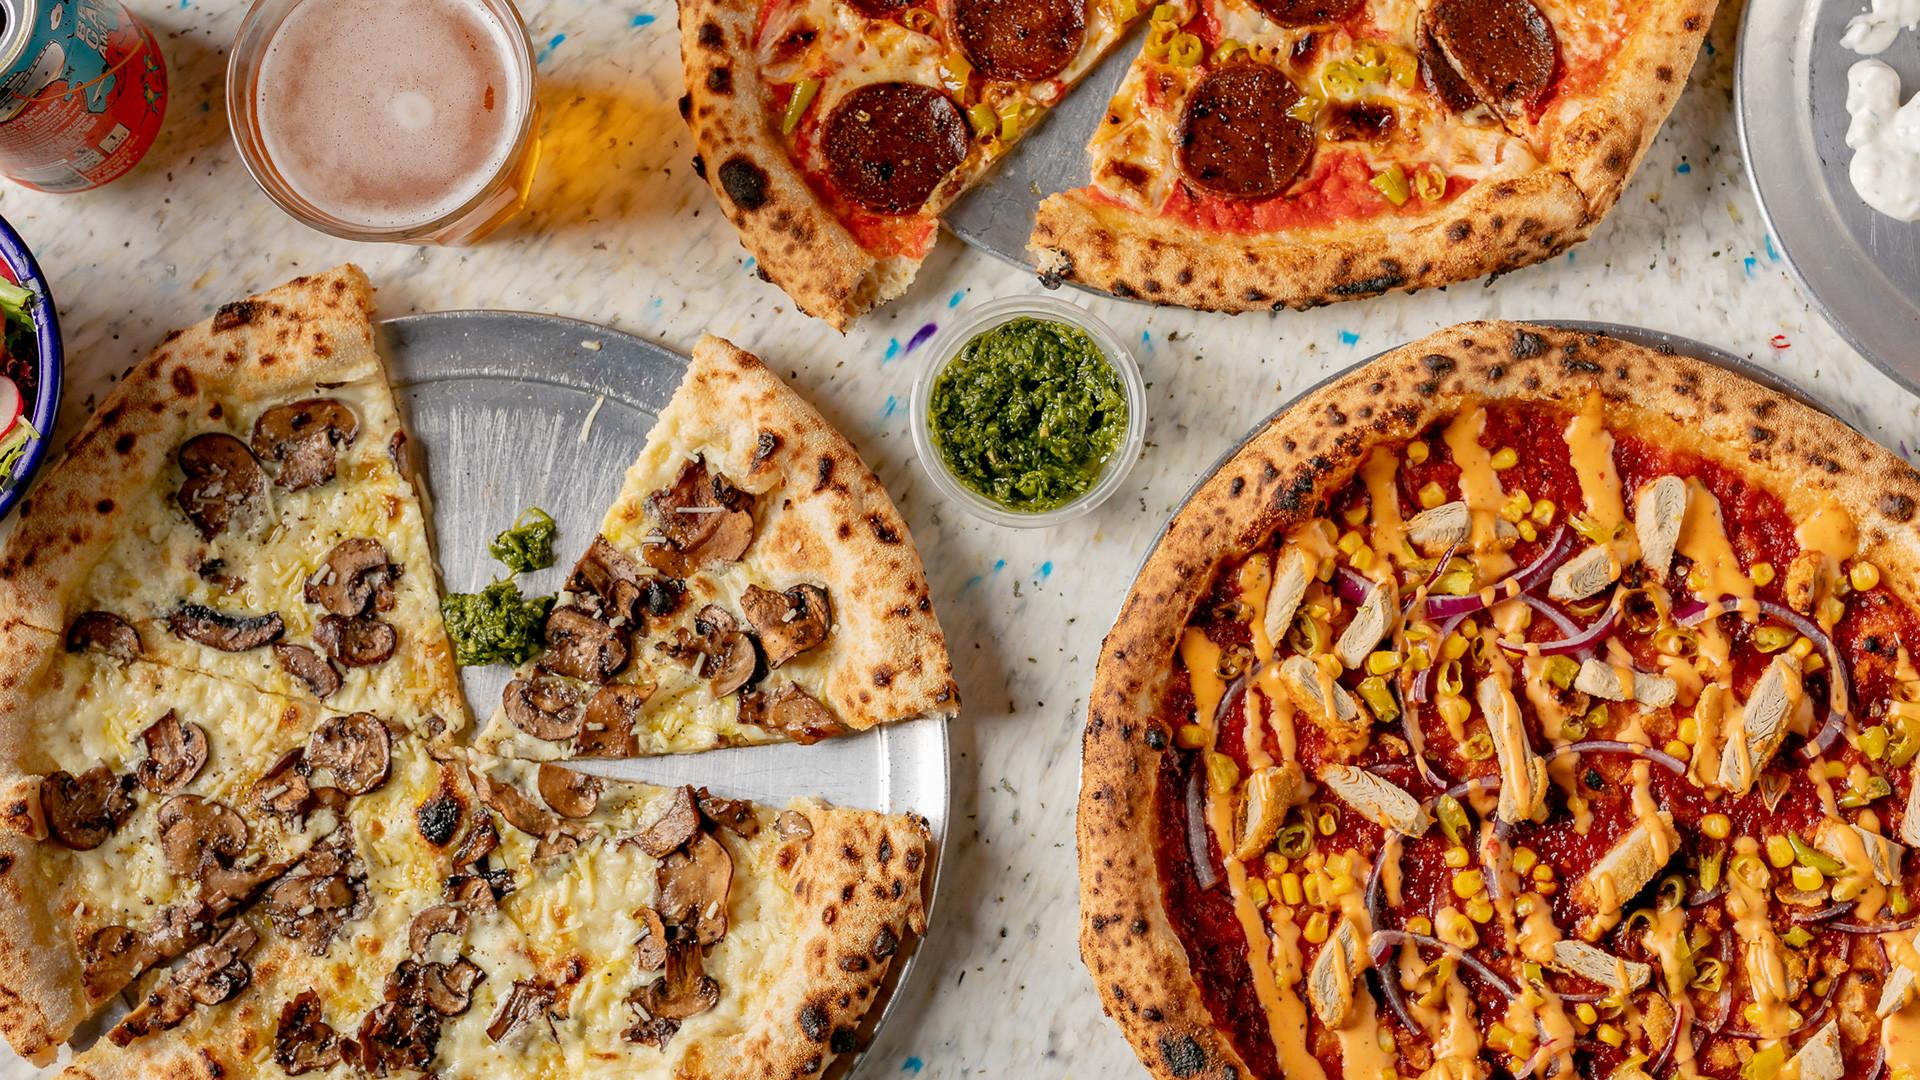 Yard Sale Pizza vegan menu